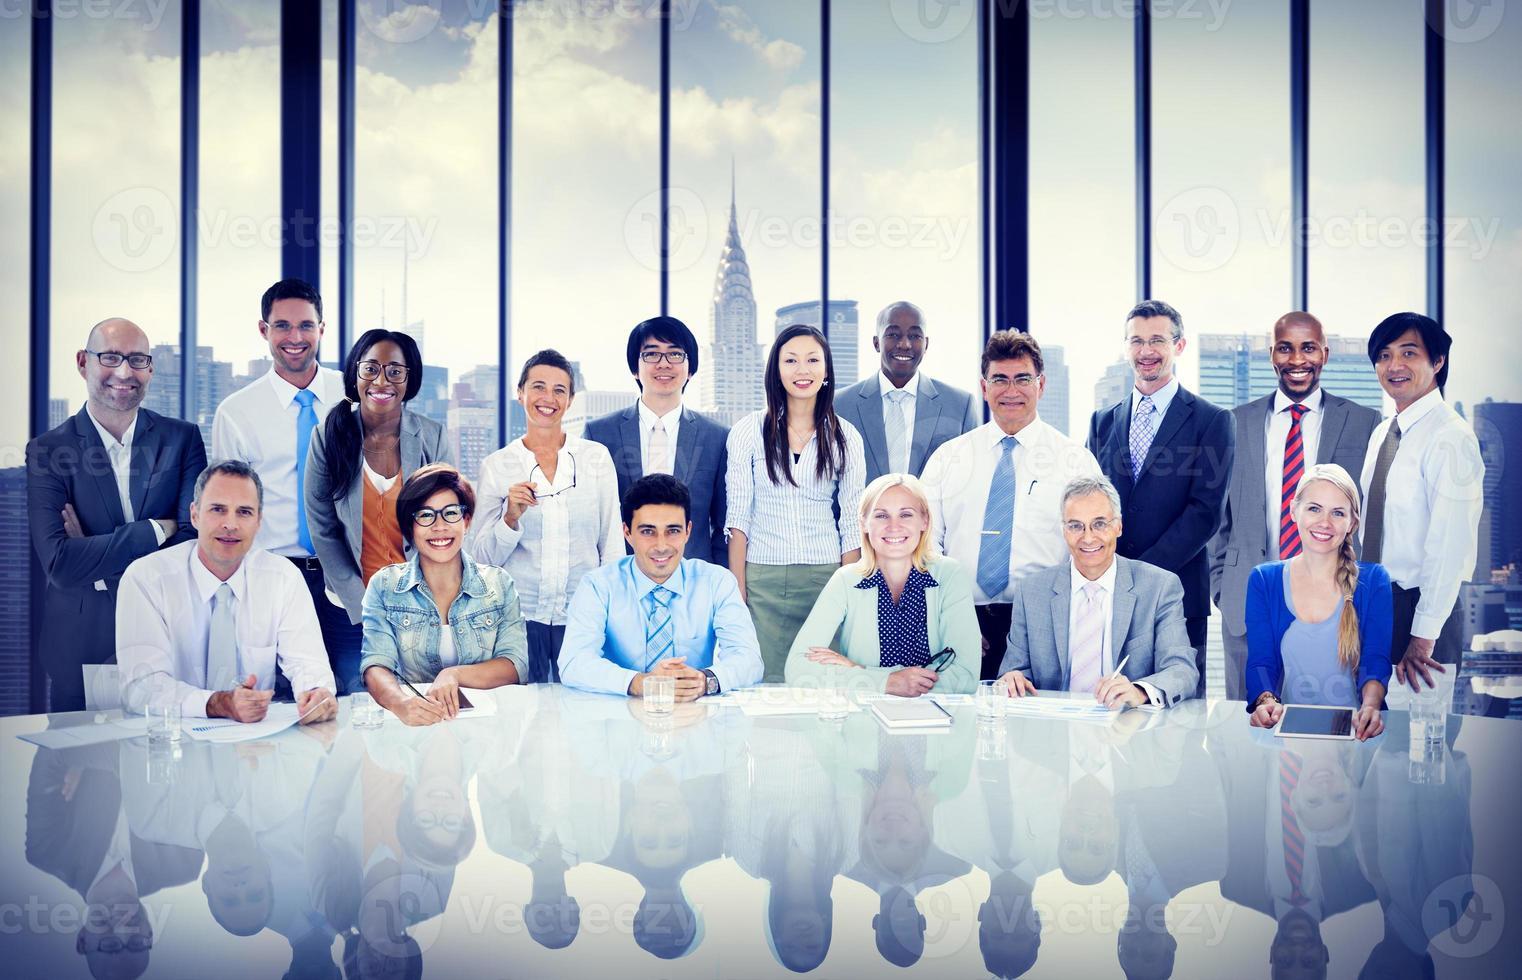 uomini d'affari diversità squadra con ufficio professionale aziendale con foto